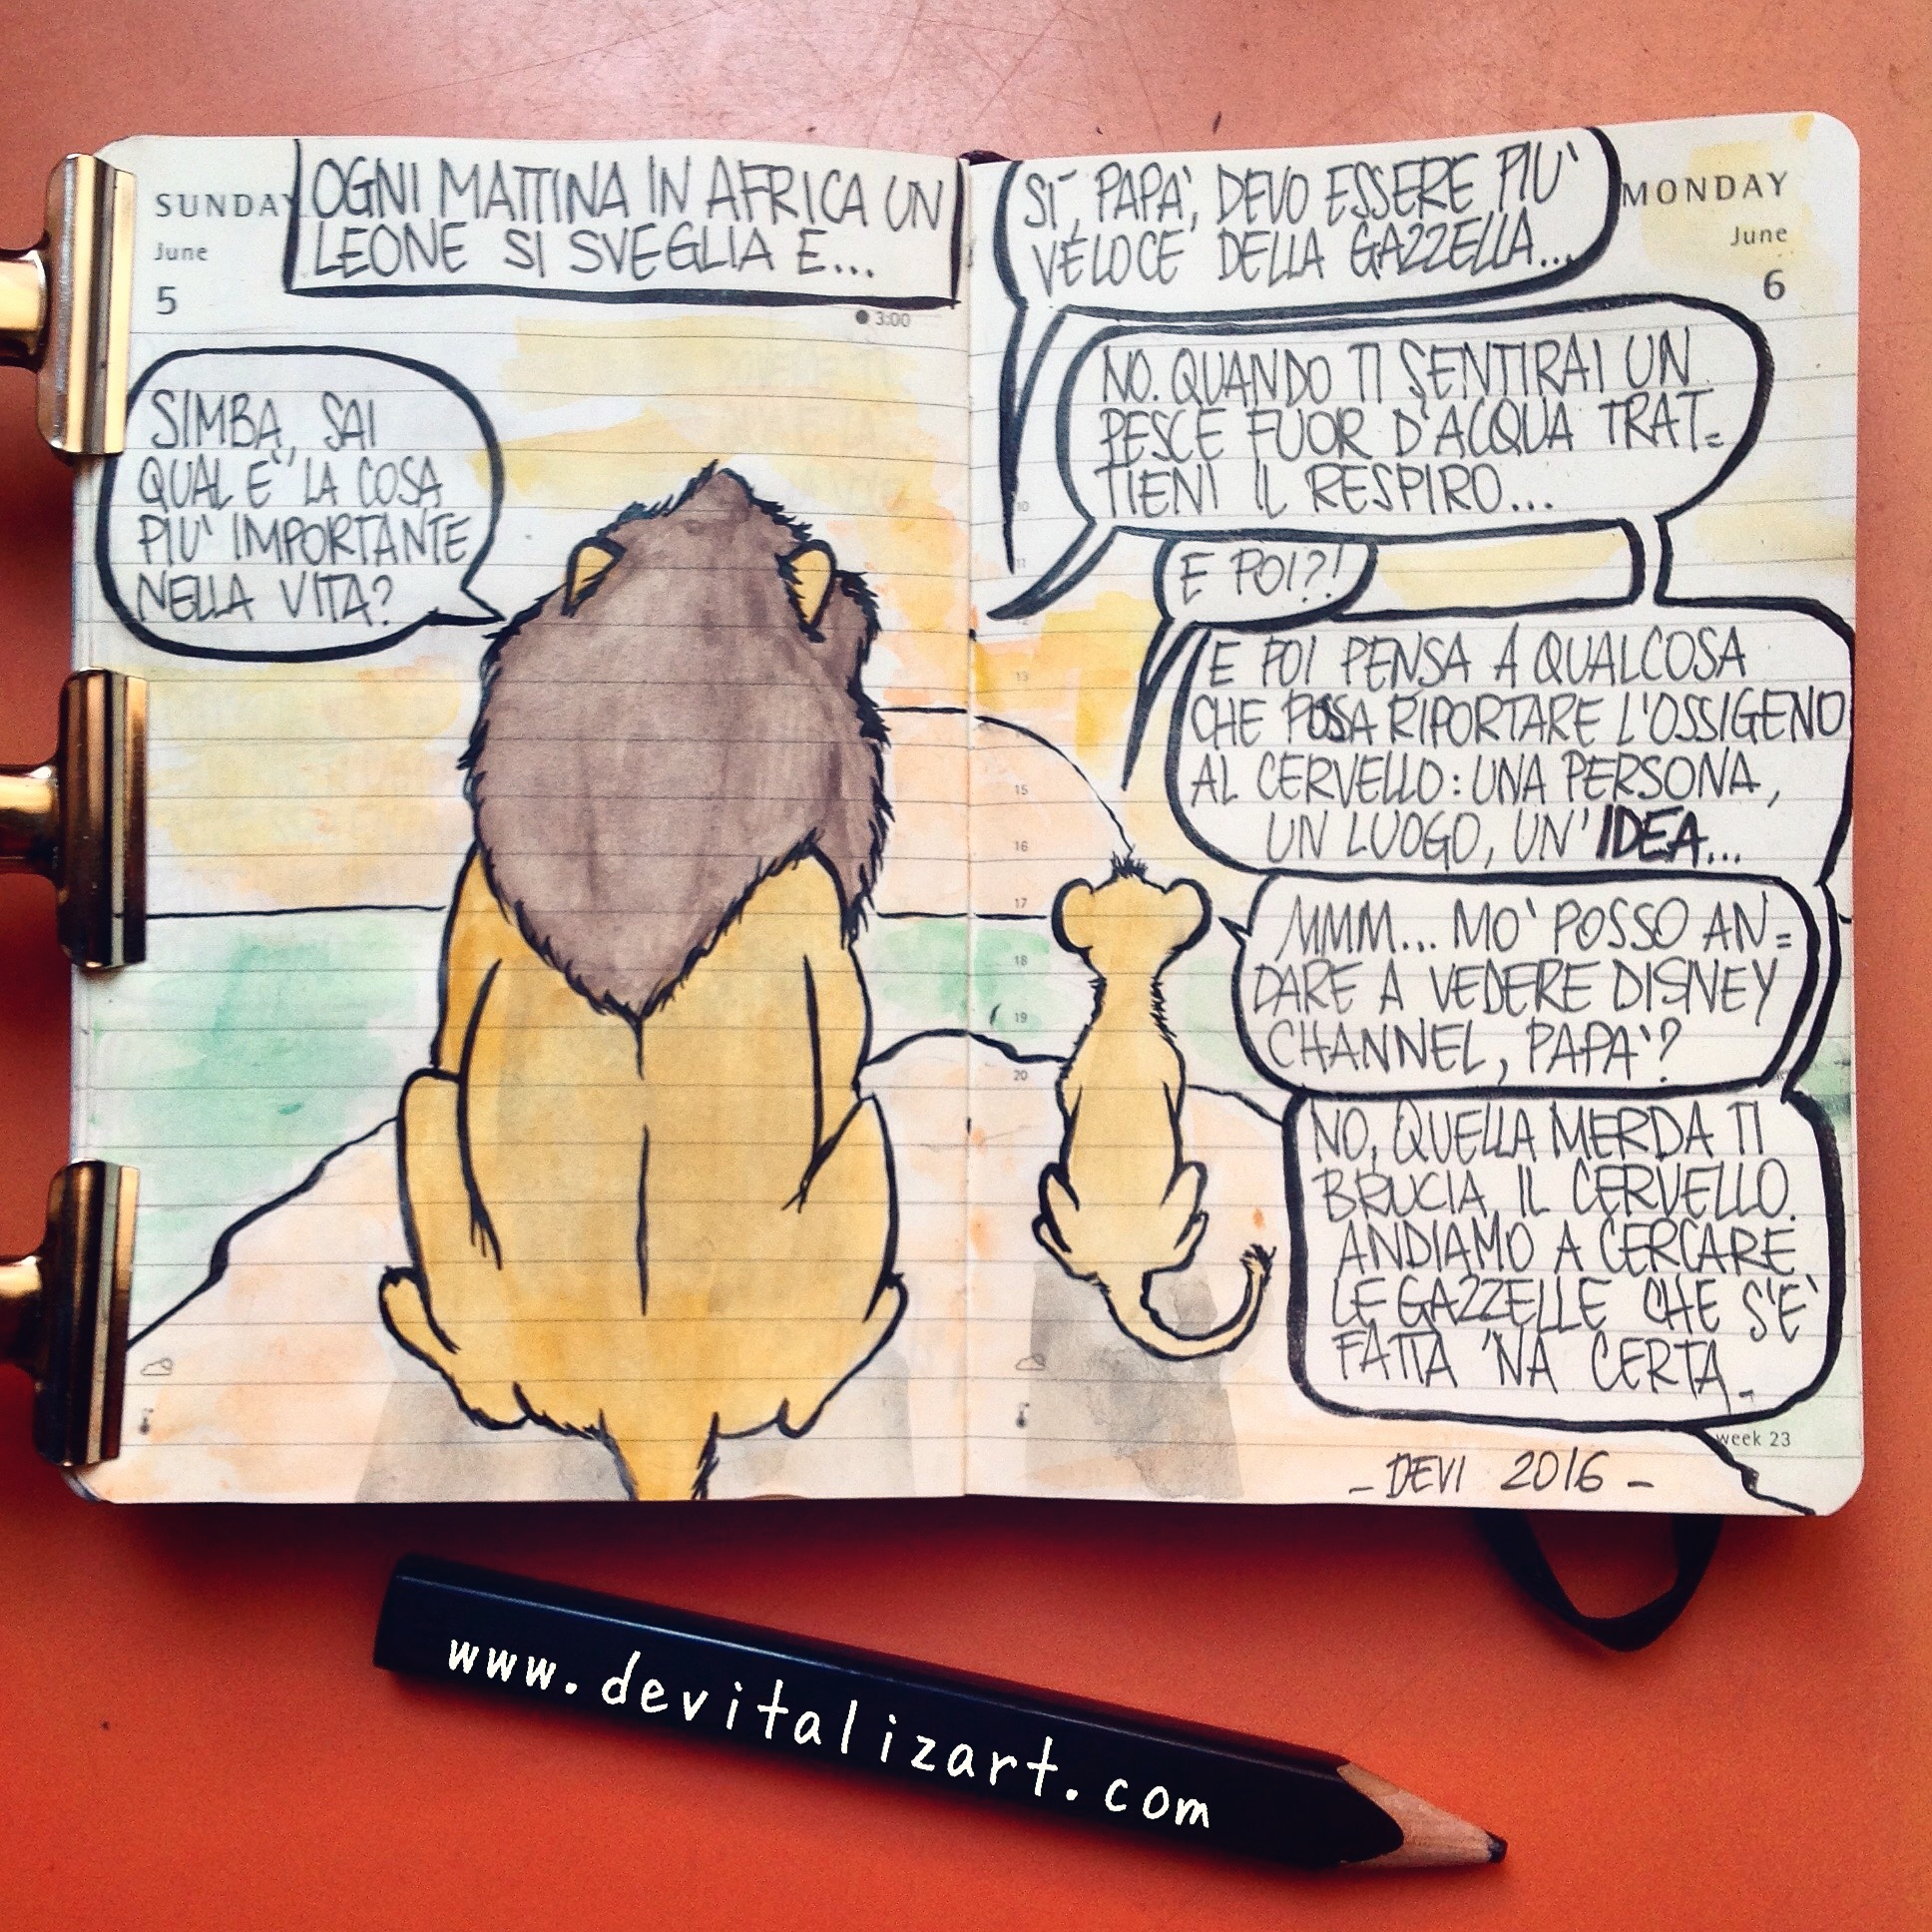 L'esistenzialismo (dei leoni) del lunedì.